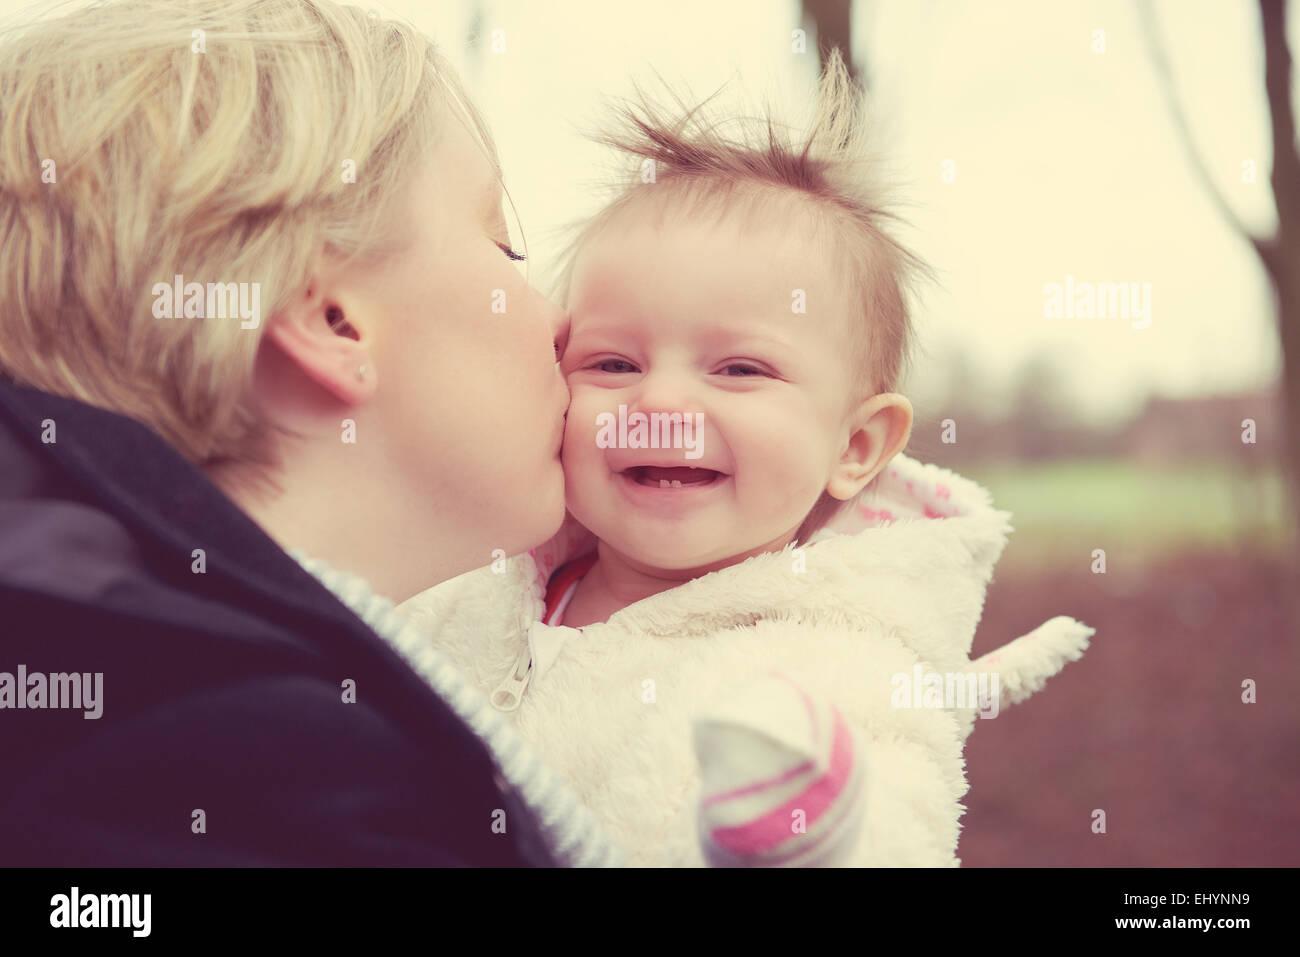 Besos madre niña Imagen De Stock